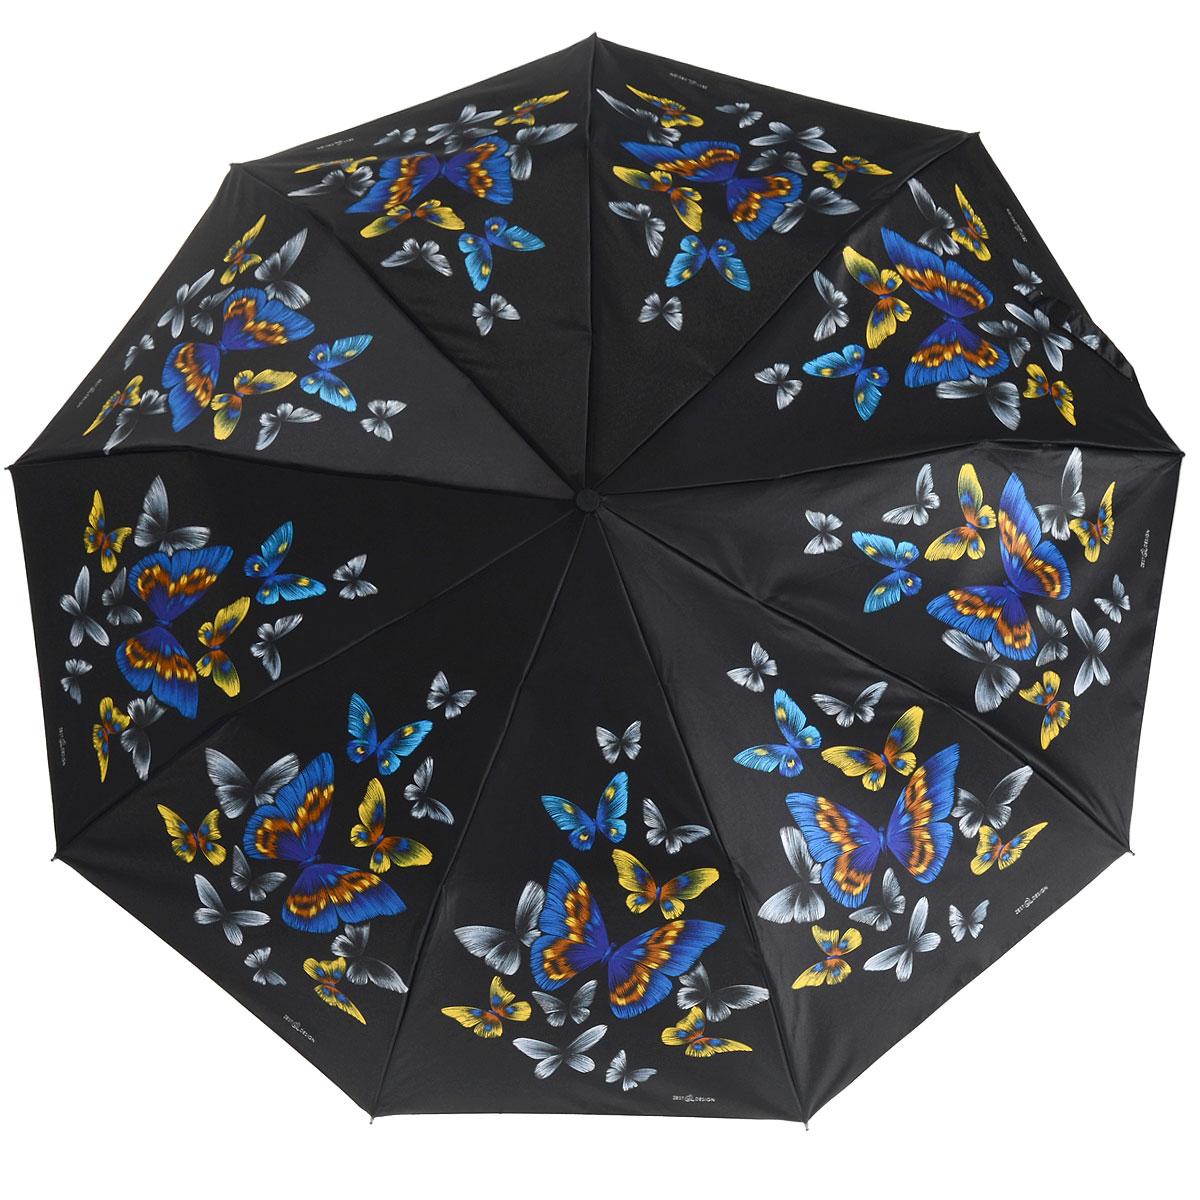 Зонт Zest, автомат, 3 сложения, цвет: черный, синий. 239444-55239444-55Стильный автоматический зонт Zest в 3 сложения, даже в ненастную погоду позволит Вам оставаться стильной и элегантной. Детали каркаса изготовлены из высокопрочных материалов с покрытием, исключающим коррозию. Рукоятка разработана с учетом требований эргономики и выполнена из прорезиненного пластика. Зонт имеет полный автоматический механизм сложения: купол открывается и закрывается нажатием кнопки на рукоятке, стержень складывается вручную до характерного щелчка, благодаря чему открыть и закрыть зонт можно одной рукой, что чрезвычайно удобно при входе в транспорт или помещение. Специальная система защищает зонт от поломок при сильном ветре. Купол зонта выполнен из прочного полиэстера и оформлен оригинальным рисунком. Стойкие красители и пропитка ткани купола обеспечивают длительное сохранение свойств зонта. На рукоятке для удобства есть небольшой шнурок, позволяющий надеть зонт на руку тогда, когда это будет необходимо. Компактные размеры зонта в...